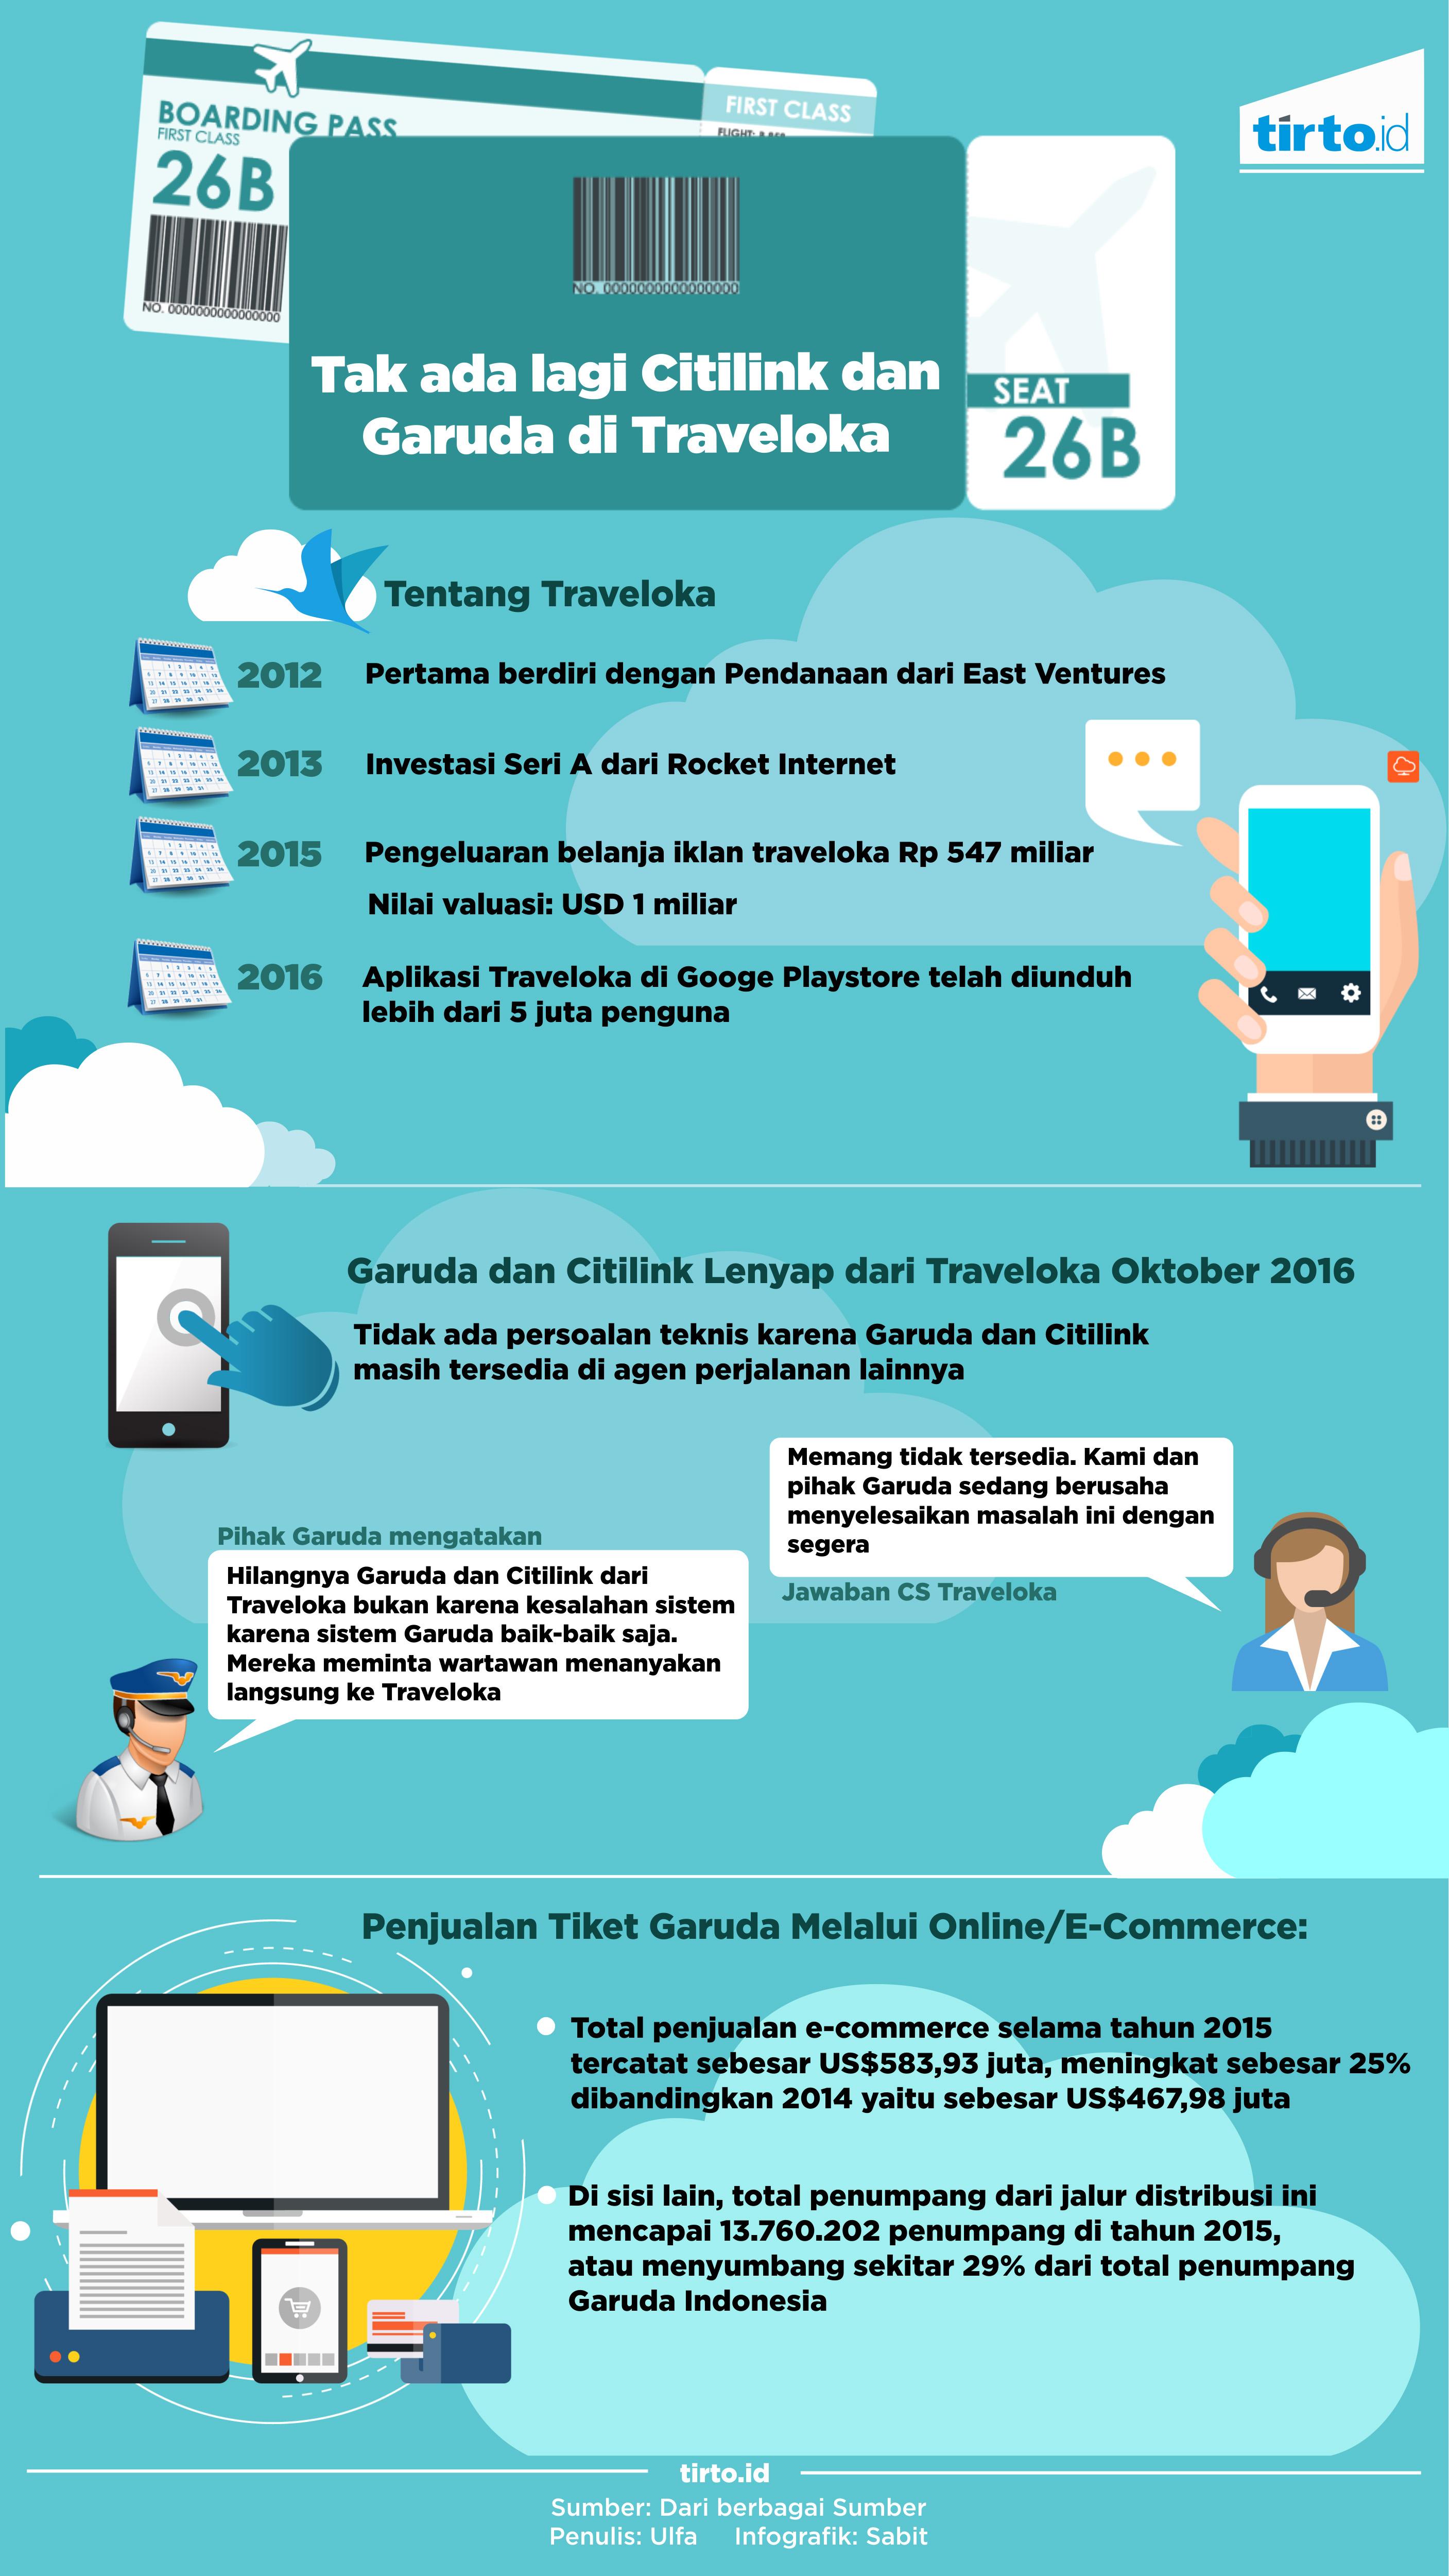 Temukan Cara Check In Online Garuda Traveloka paling mudah